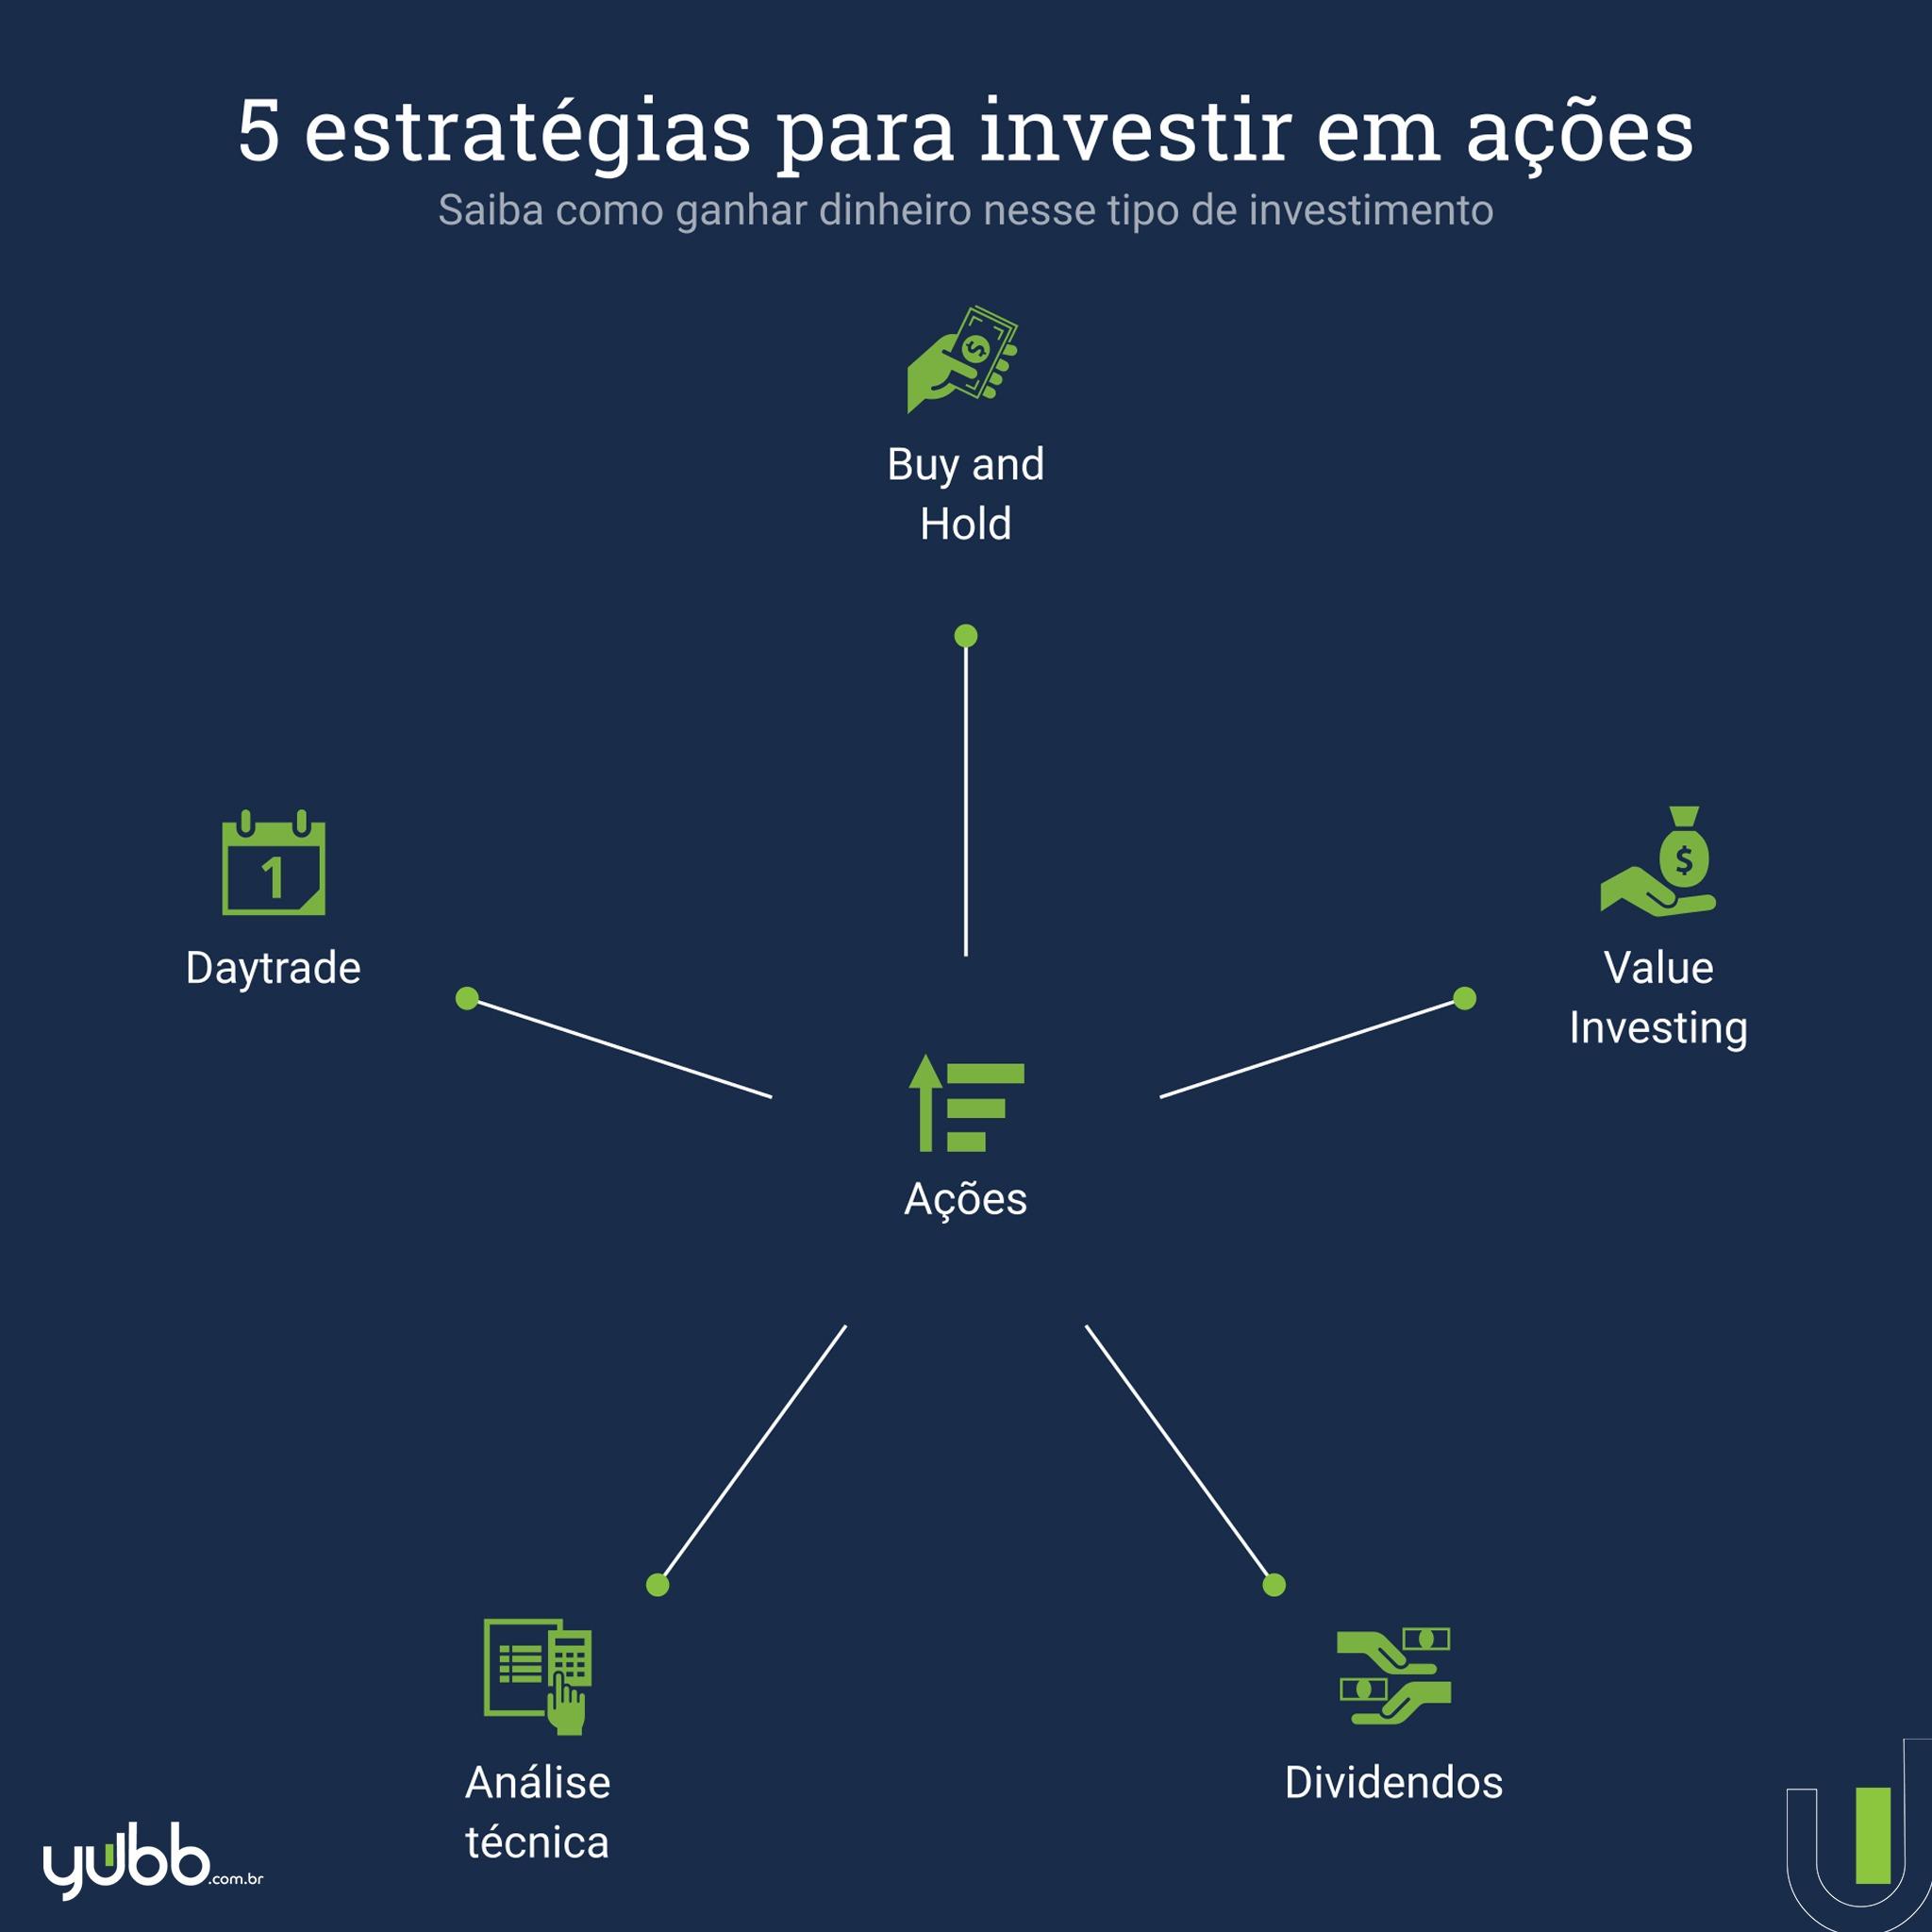 estratégias para investir em ações